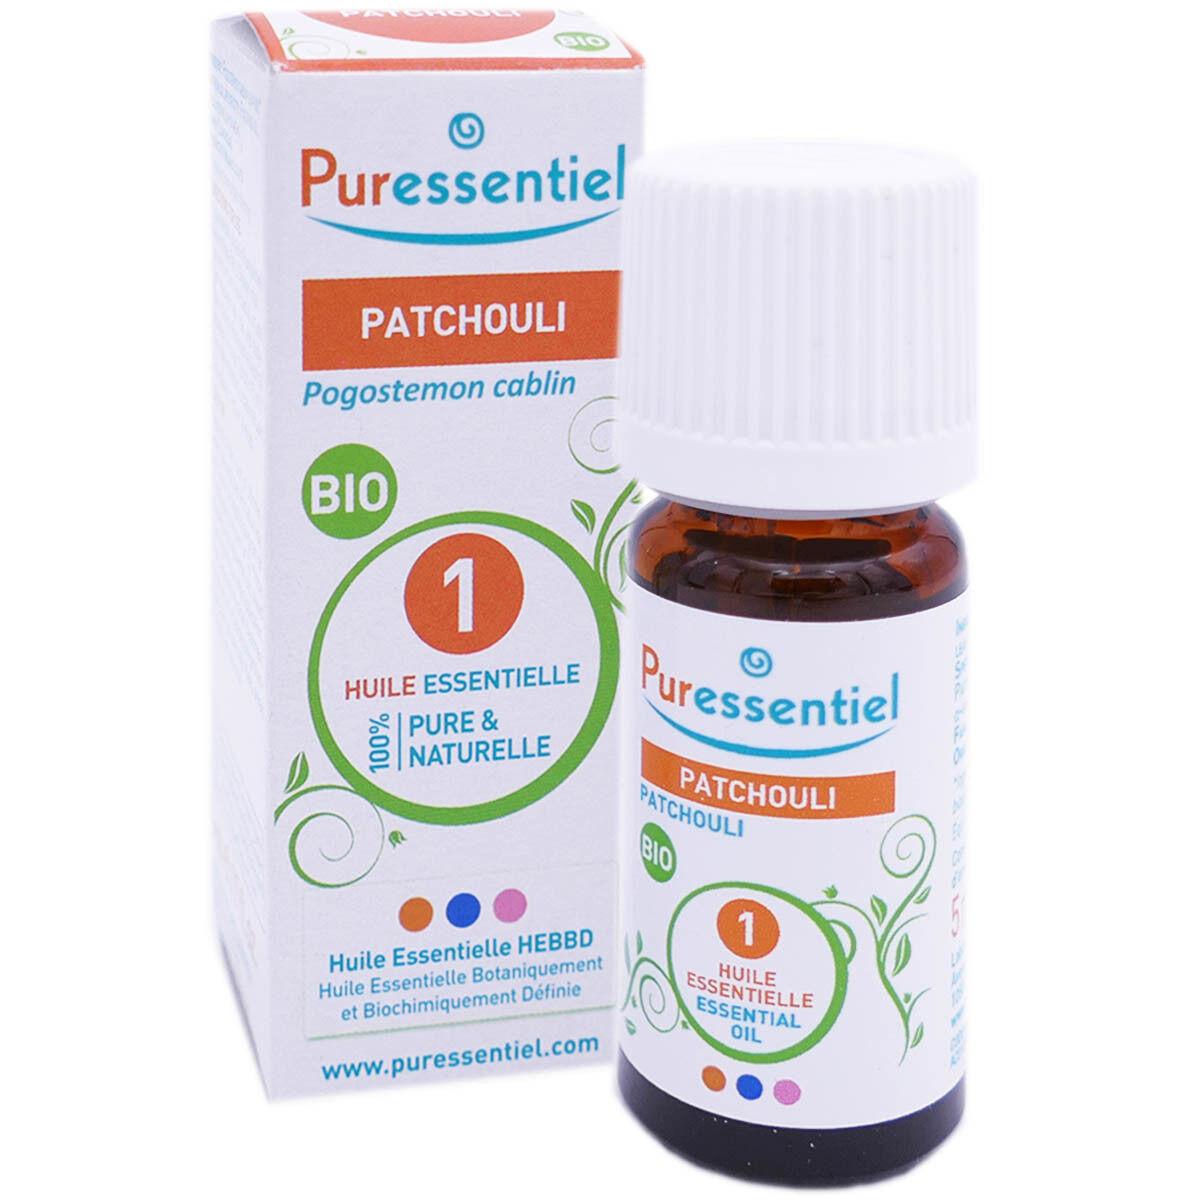 Puressentiel huile essentielle patchouli bio 5ml